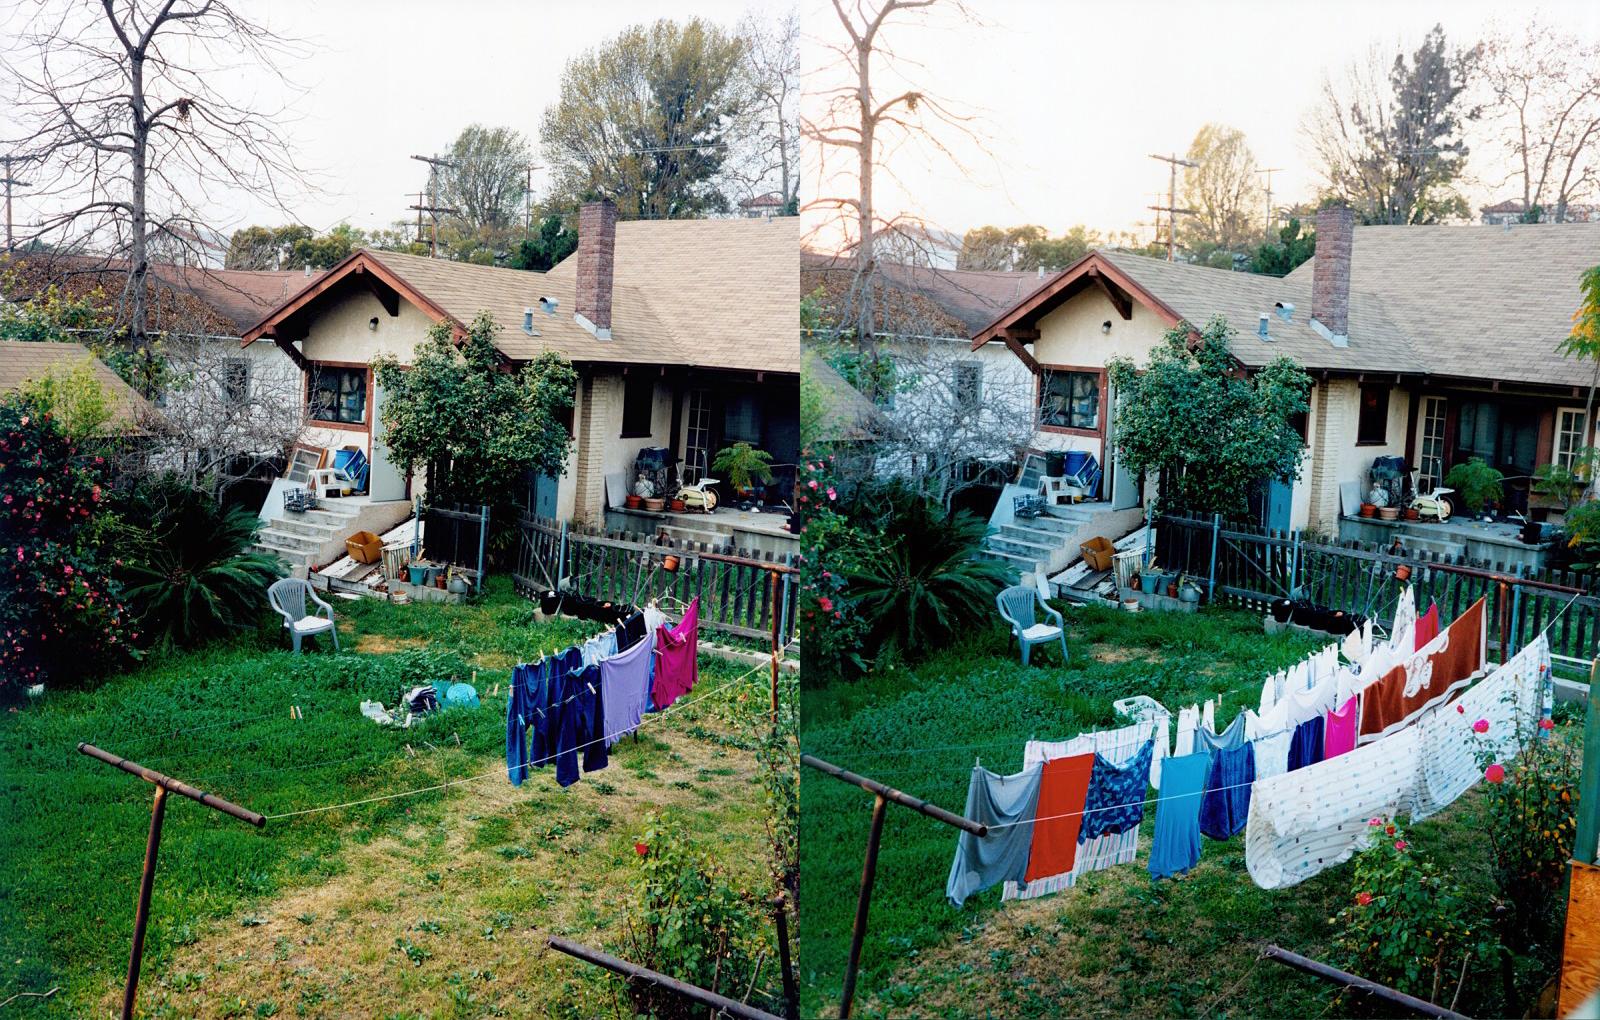 ec_backyard_54-55.jpg